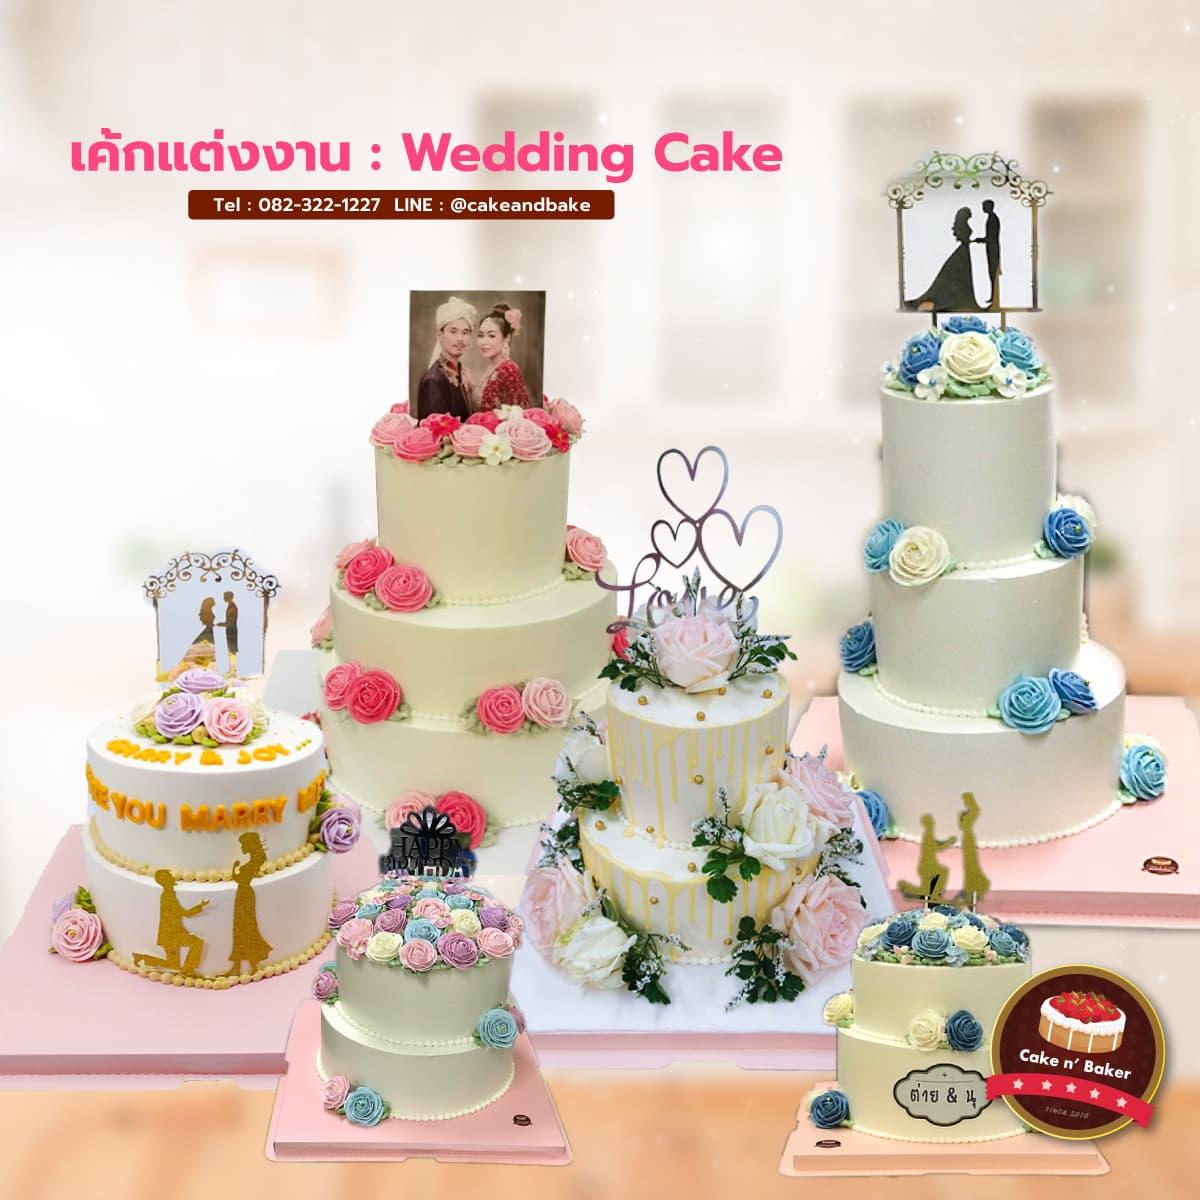 AW cake n bake Banner weddingcake sq 2